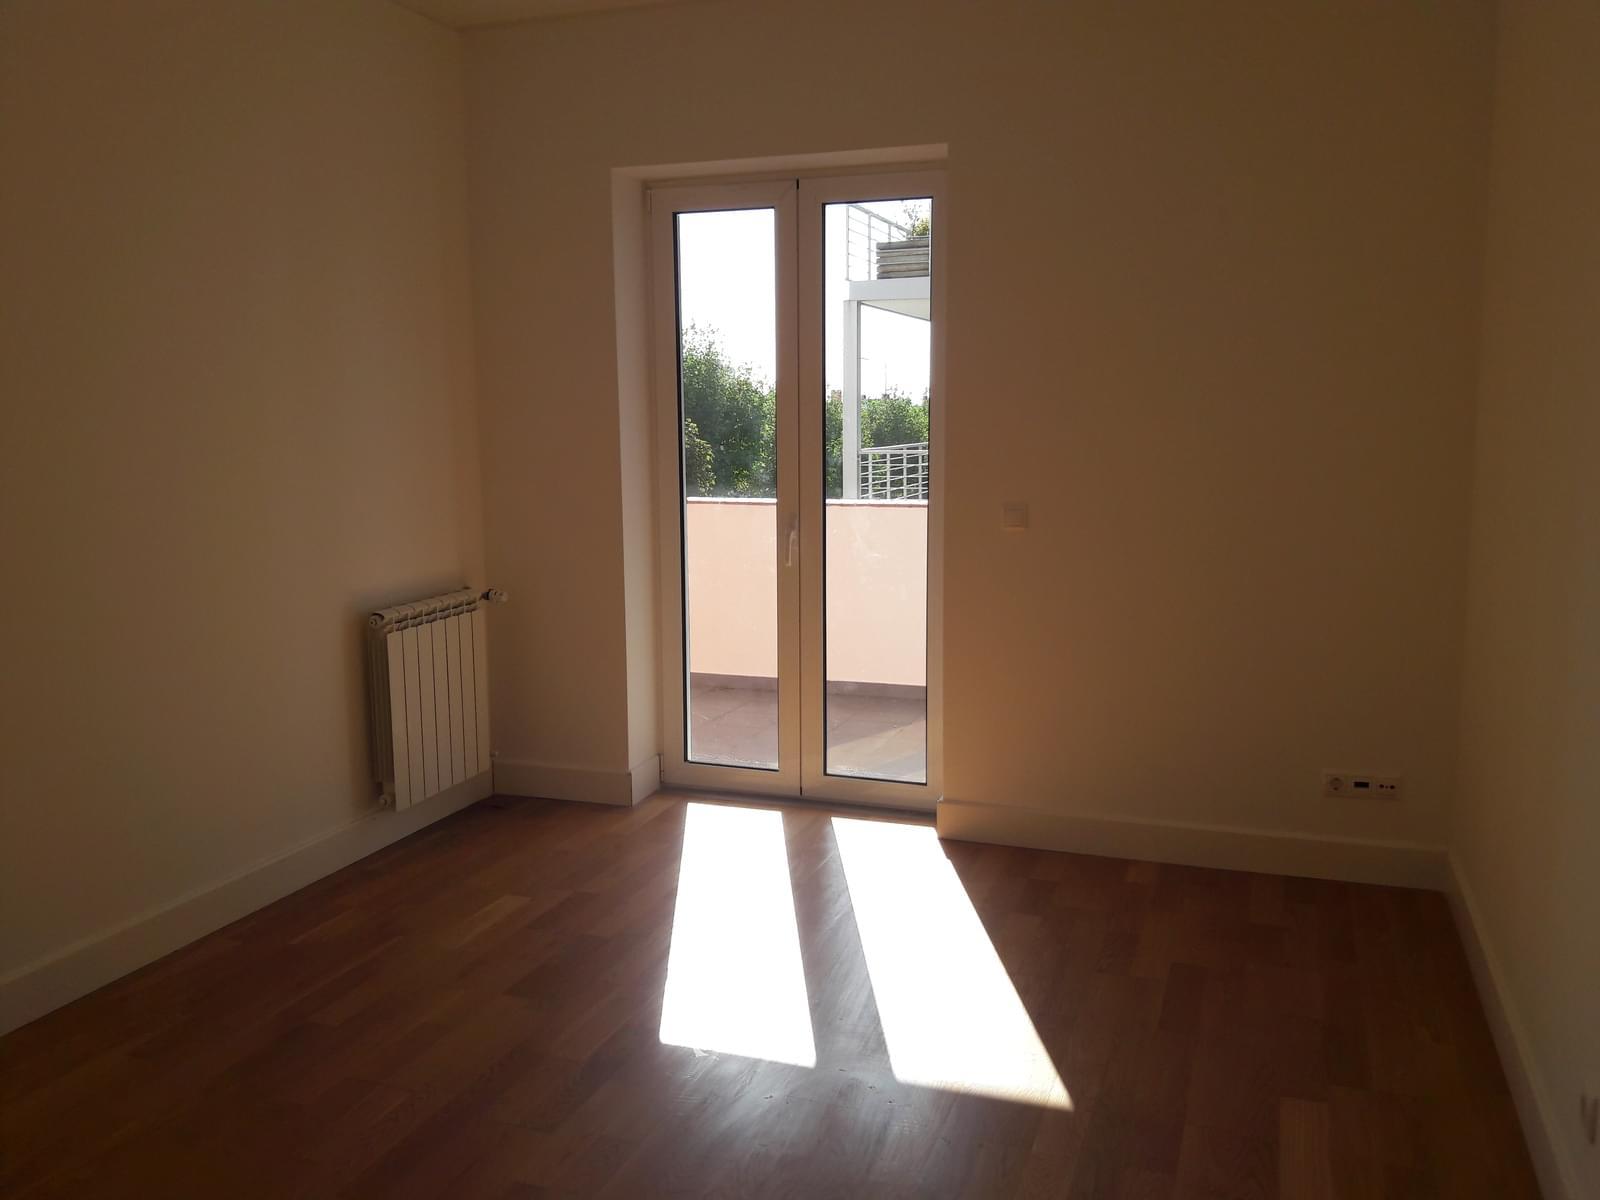 pf18057-apartamento-t3-sintra-06acfd58-24ca-4448-b5fe-7cf6cfc3ba9c